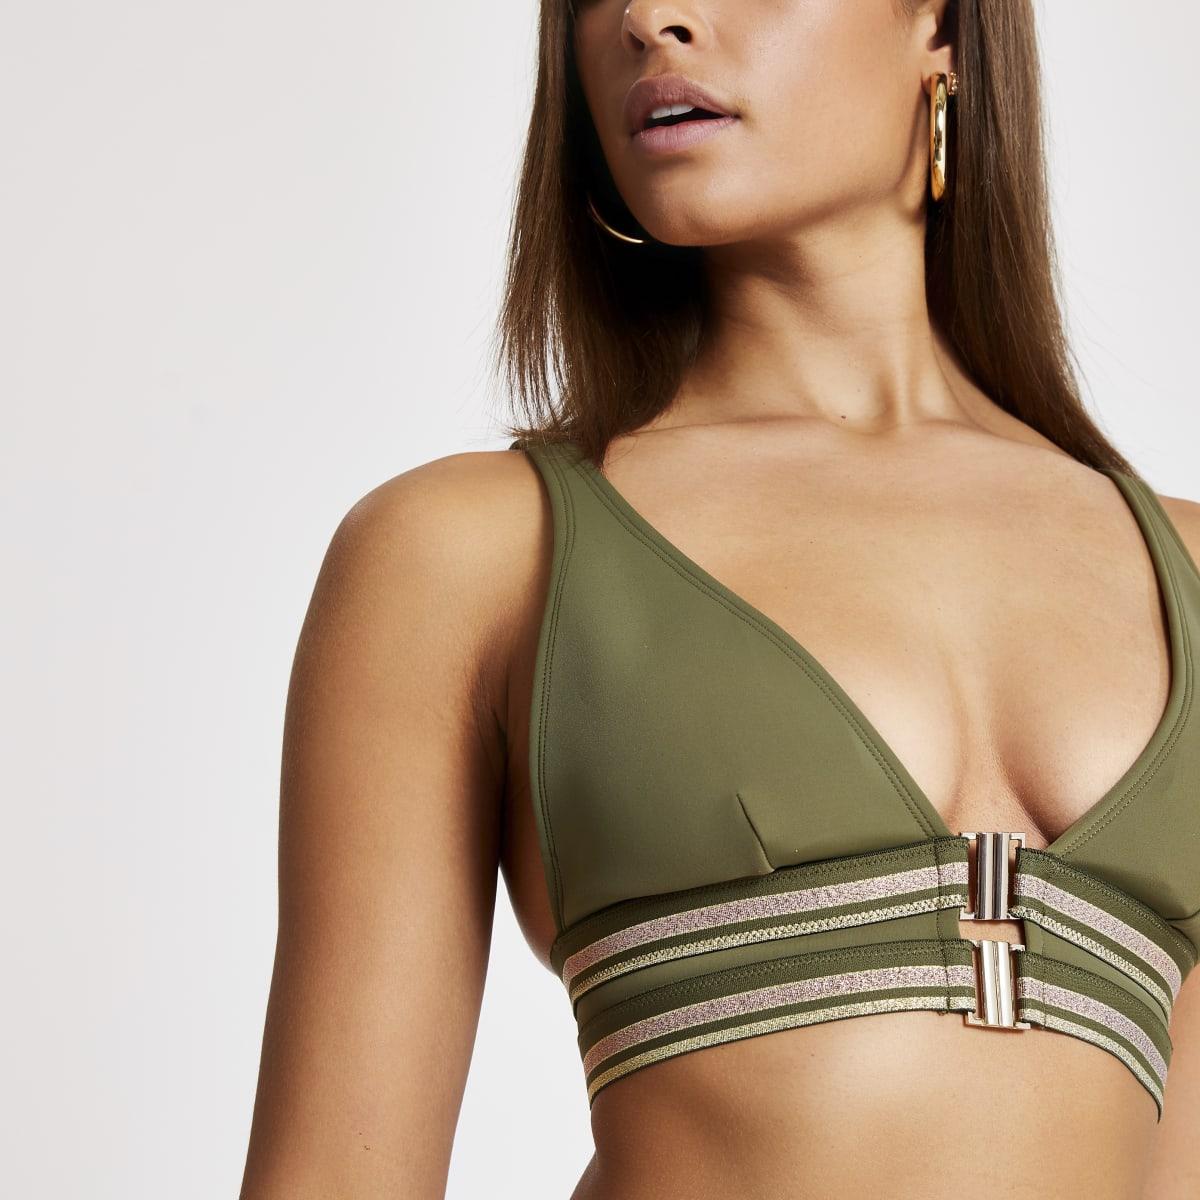 Kakitriangel-bikinitop met clip voor